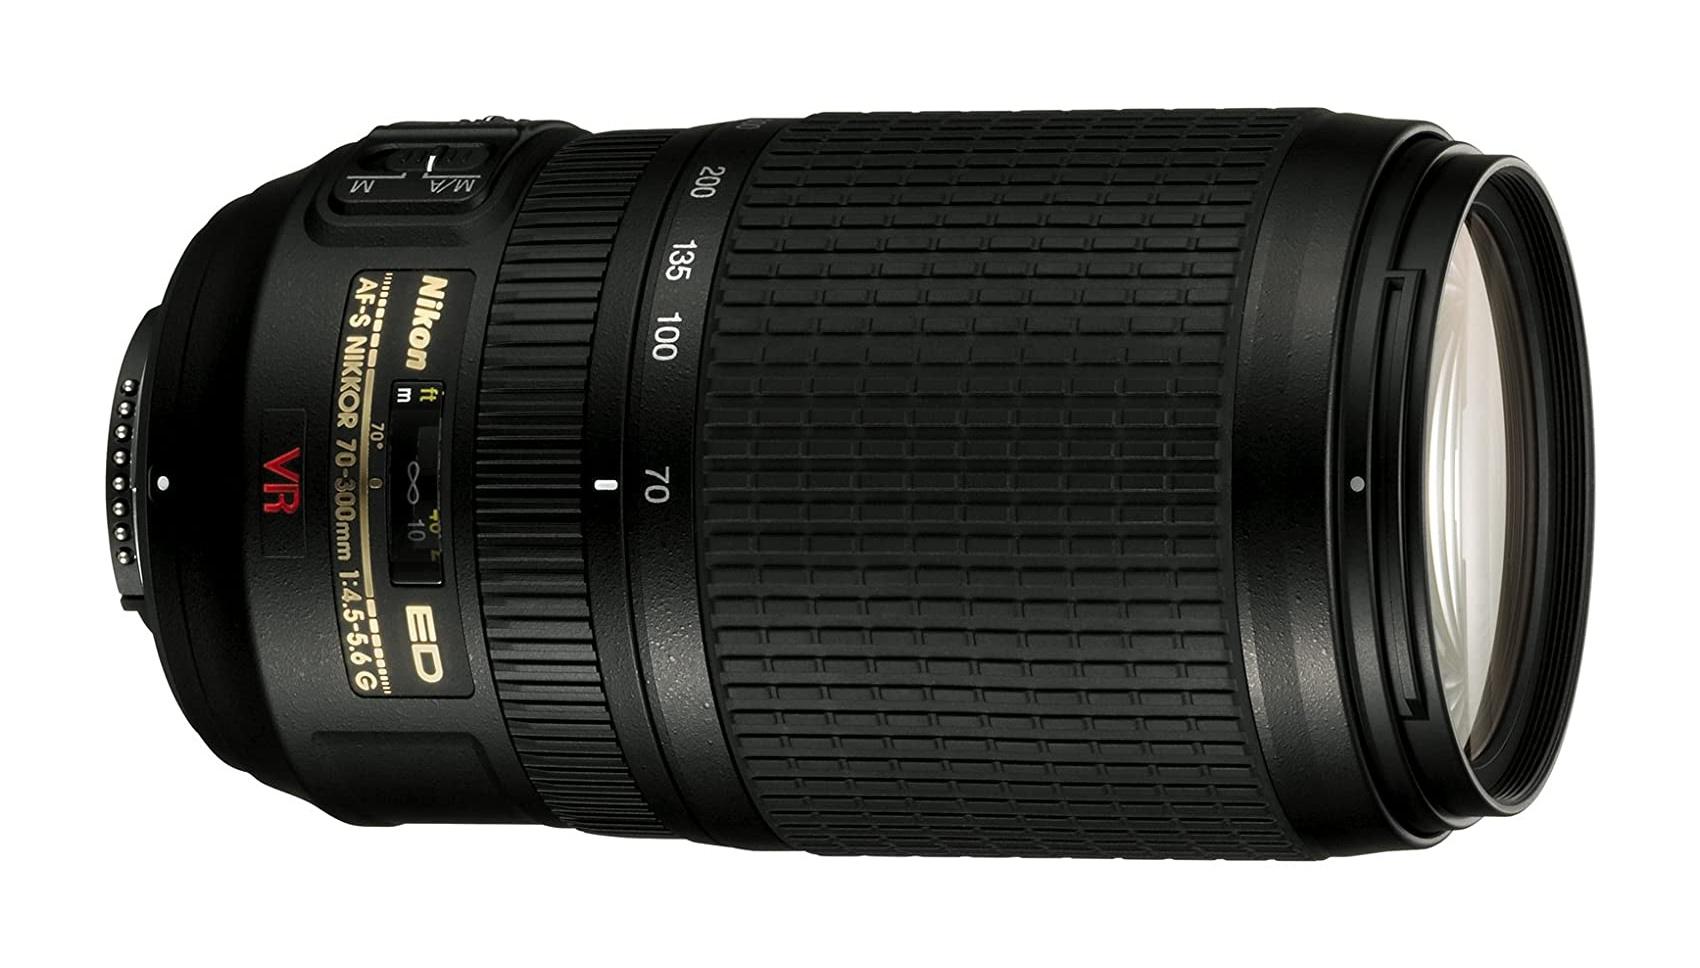 Objektiv Nikon 70-300mm f/4.5-5.6G ED IF AF-S VR je ideálním nástrojem pro makrozačátky